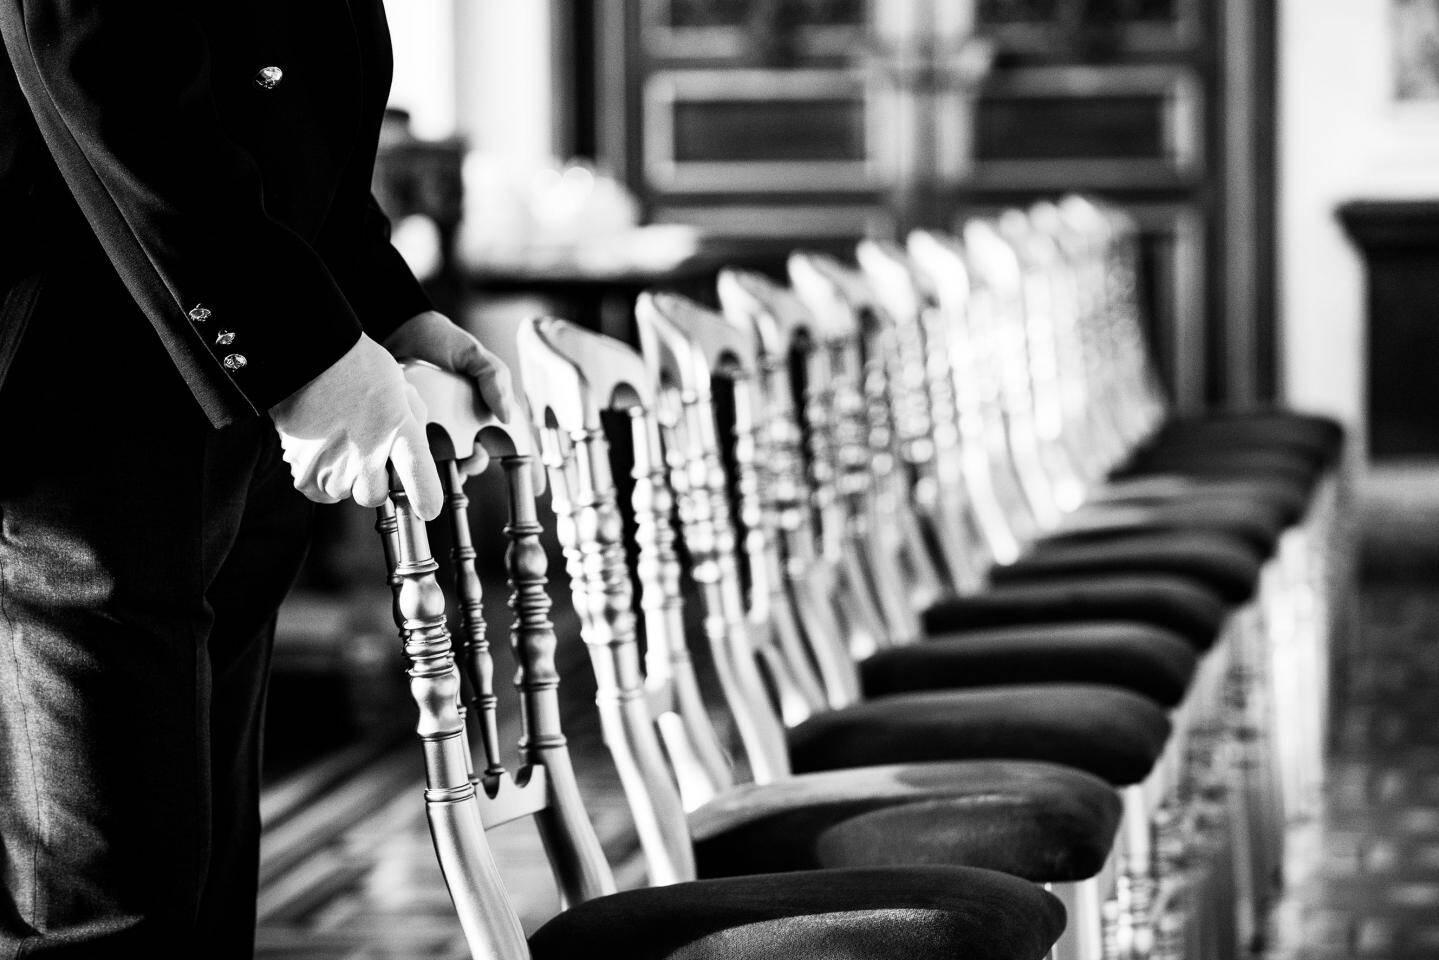 Des gants blancs en quête perpétuelle de la perfection, comme ici lors de la mise en place d'une réception par les valets.